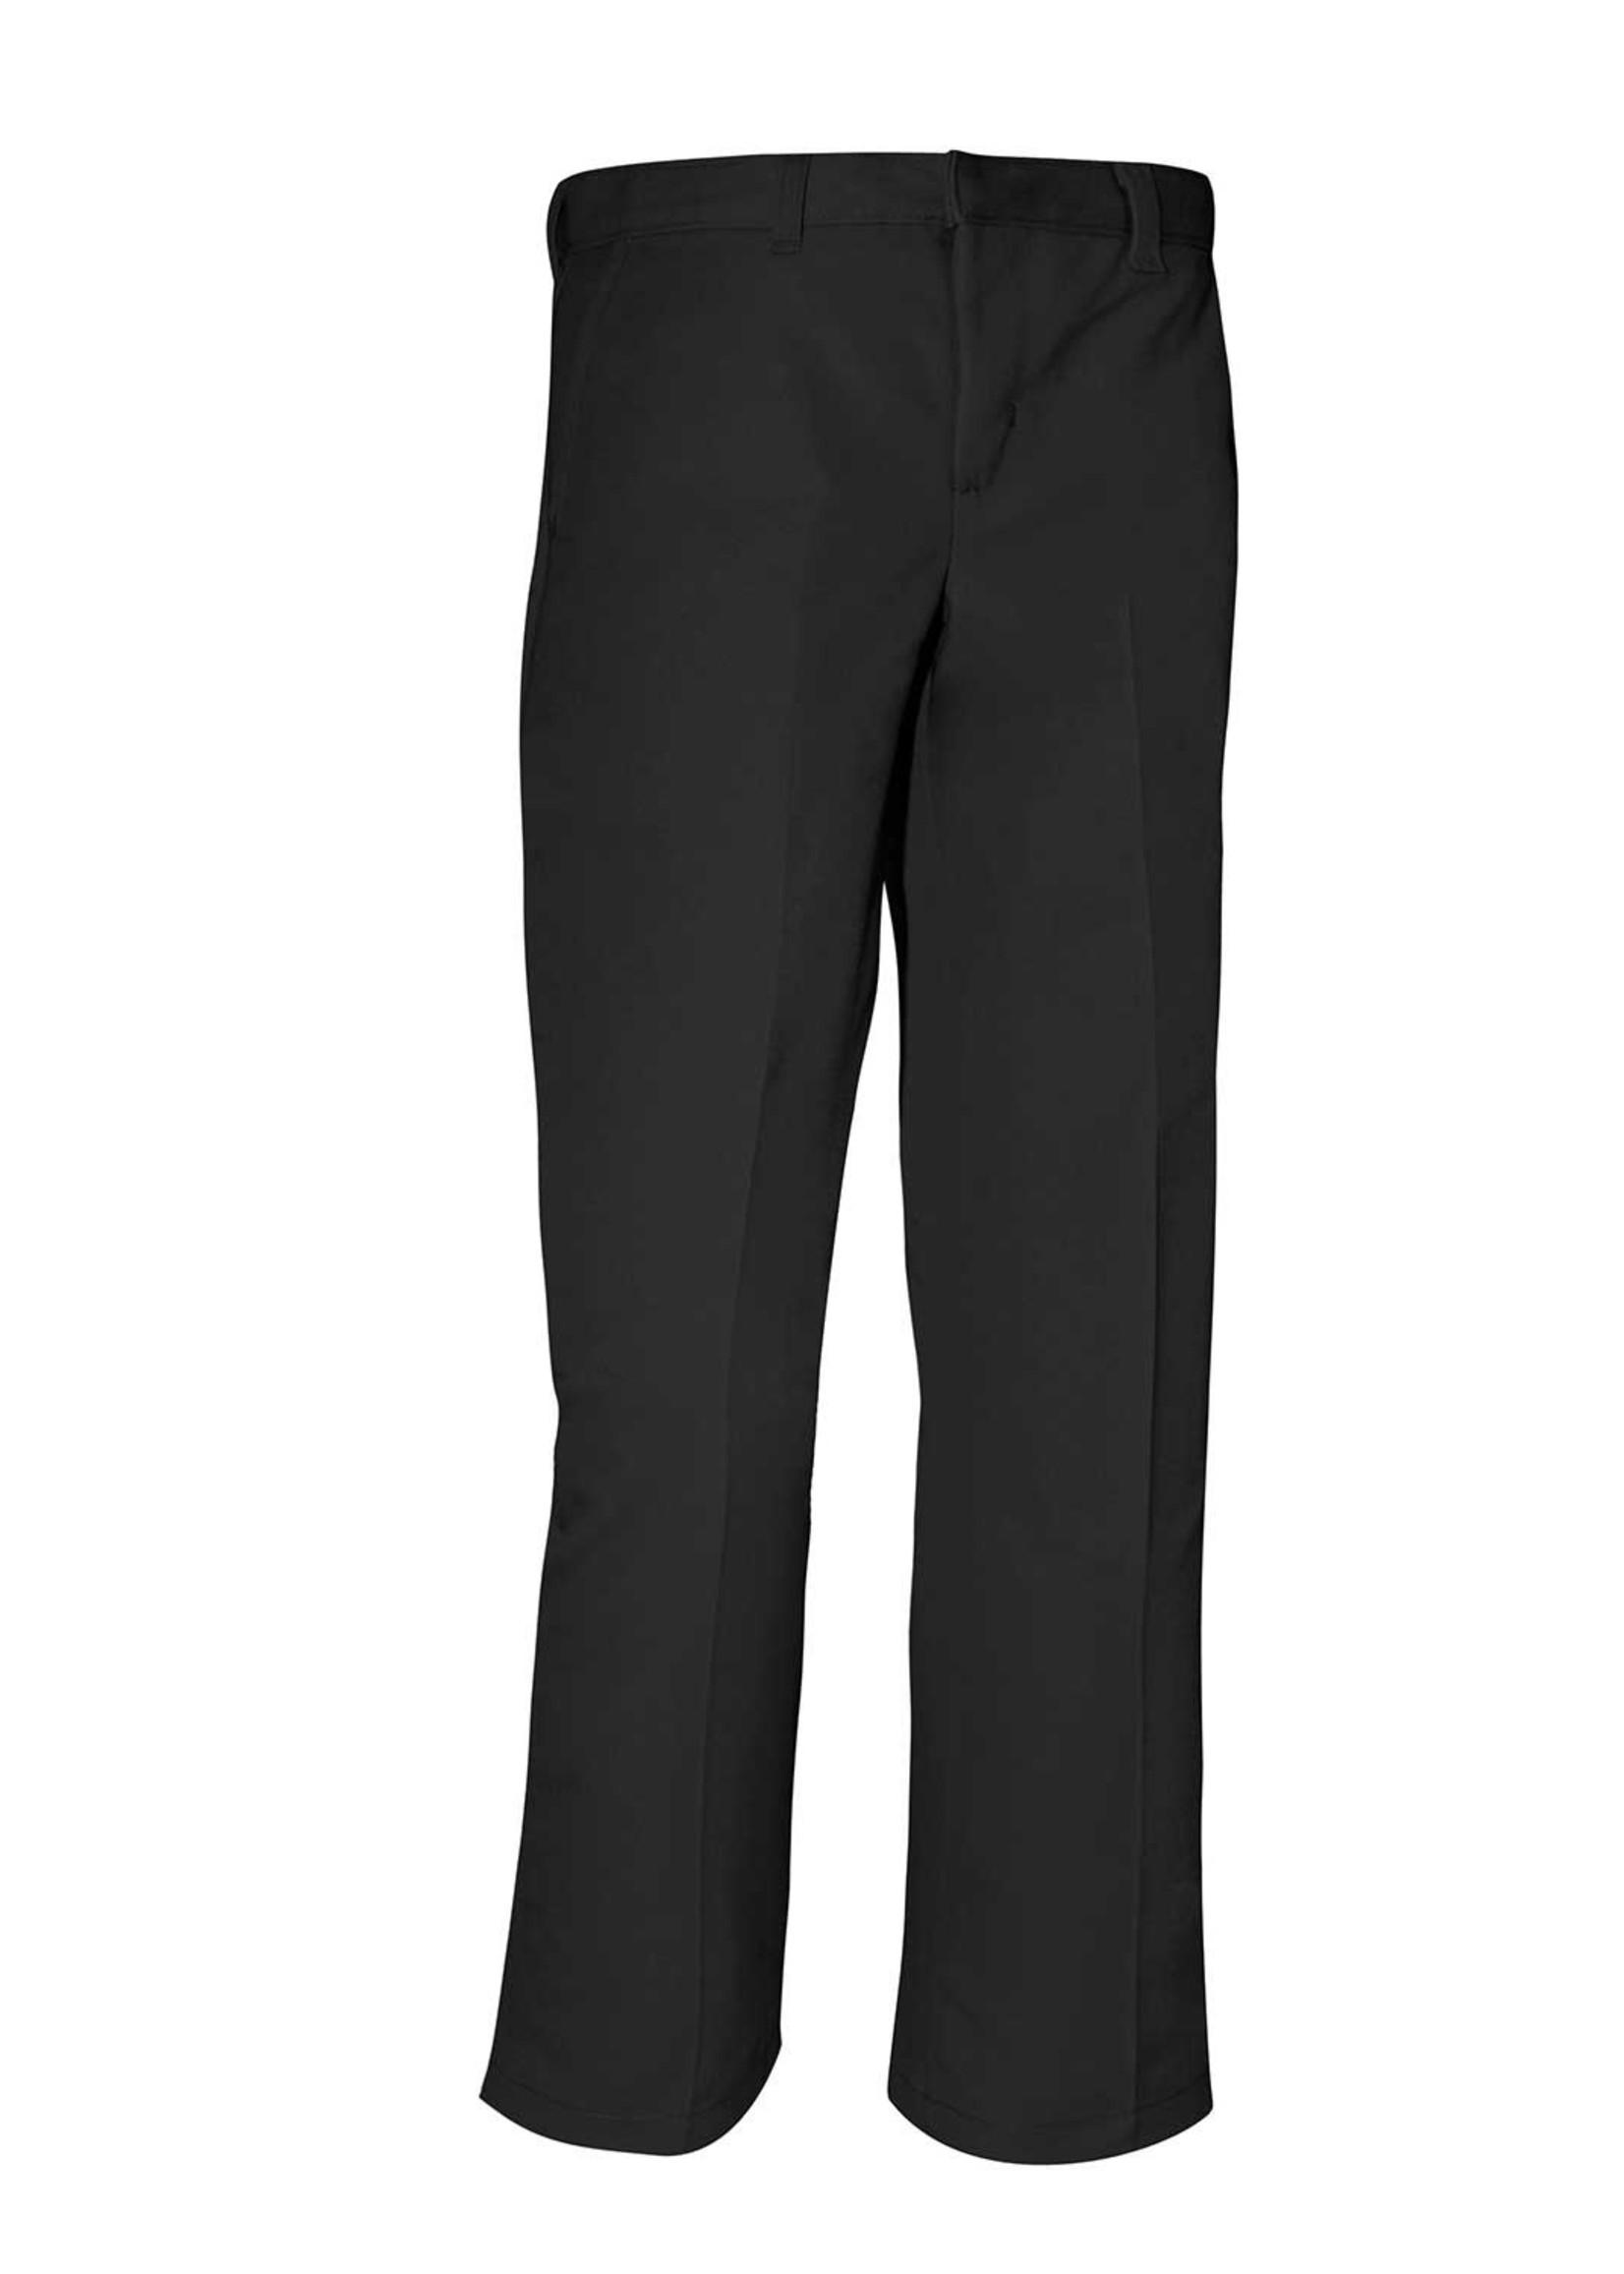 A+ ROCK Boys Flat Front Pants